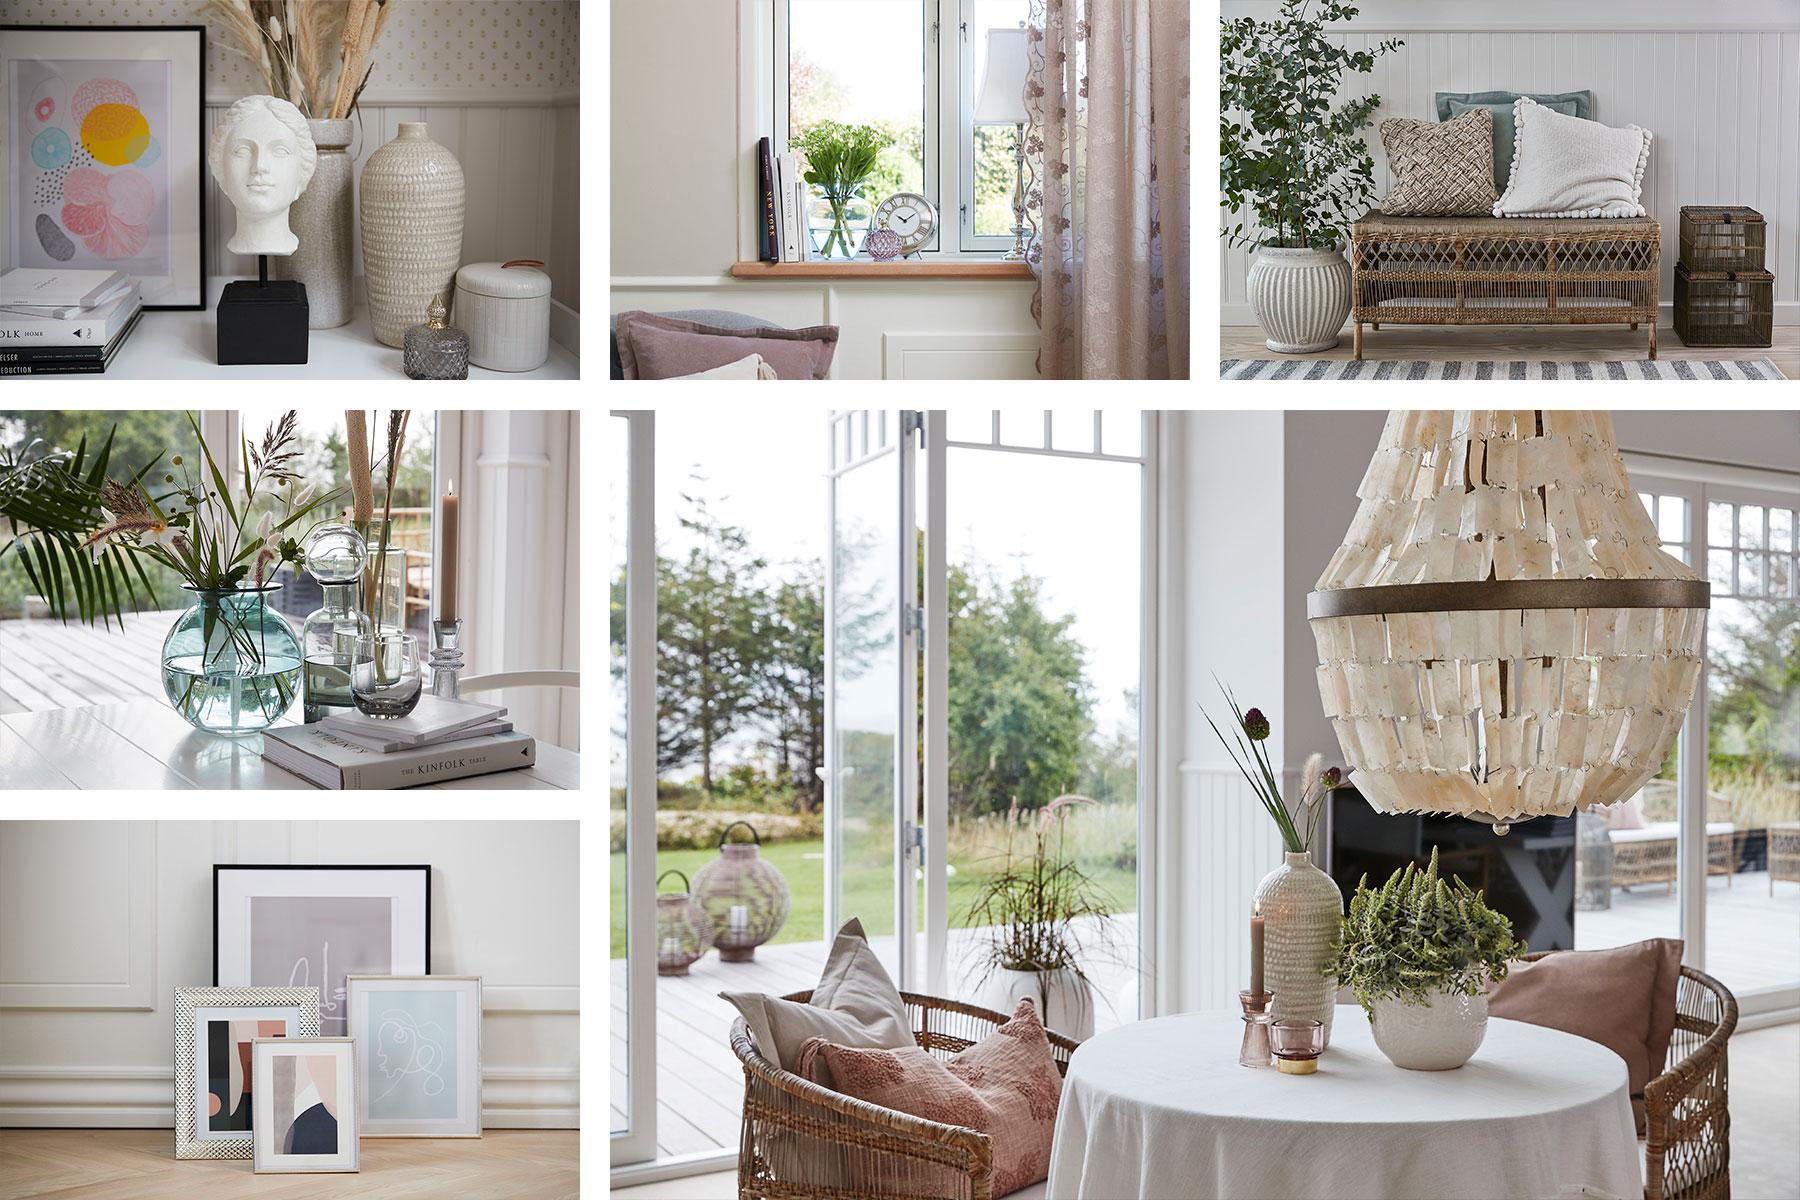 Home decor from Scandinavian wholesaler Lene Bjerre